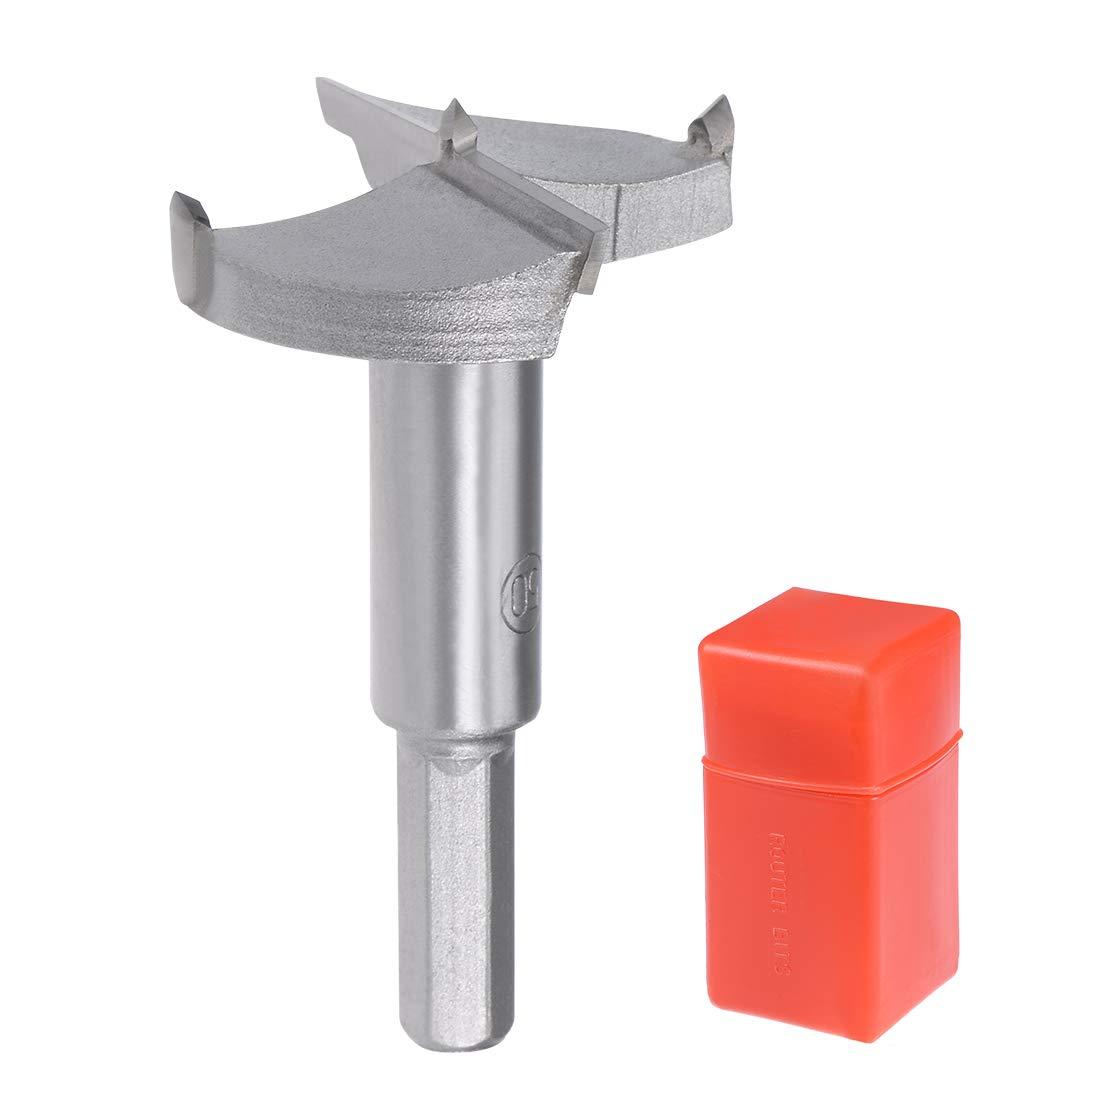 9mm Hex Shank sourcingmap 80mm Hinge Boring Forstner Drill Bit